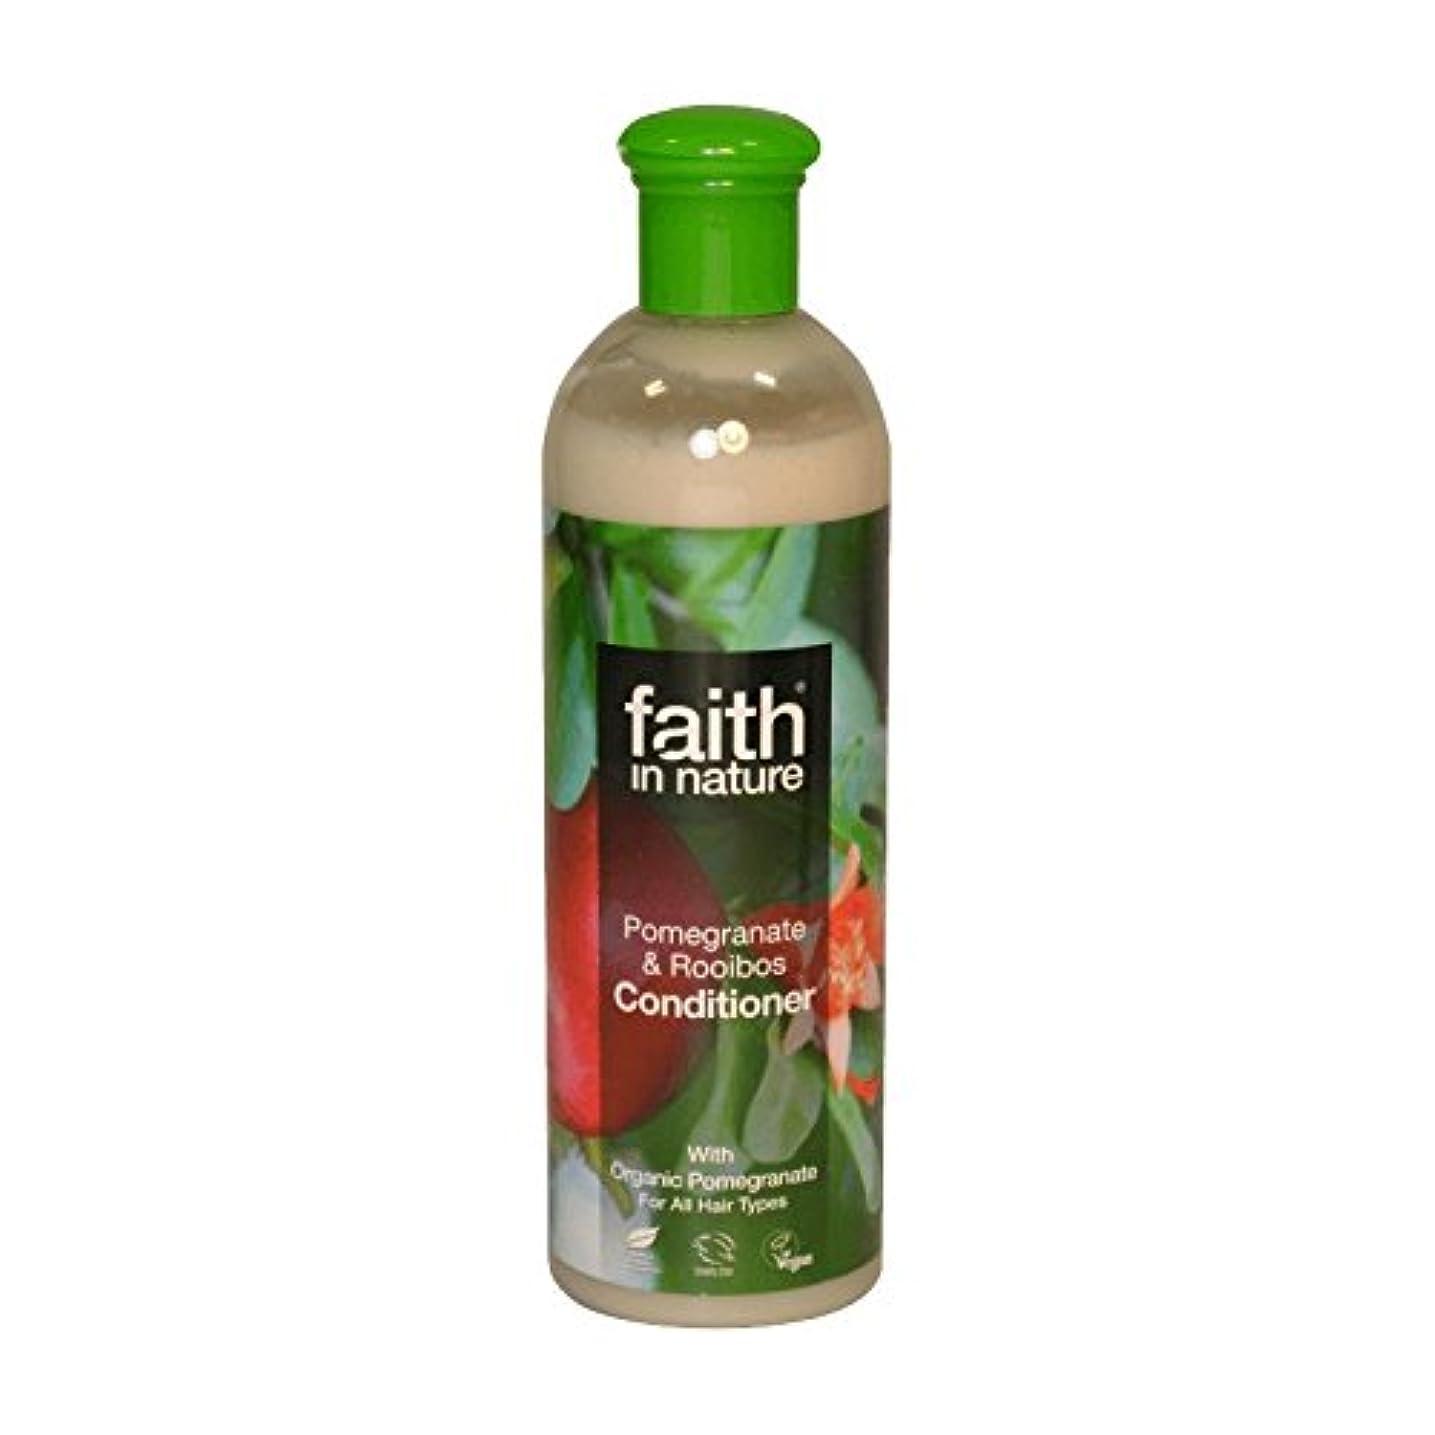 ダブル限りなく異議Faith in Nature Pomegranate & Roobios Conditioner 400ml (Pack of 2) - 自然ザクロ&Roobiosコンディショナー400ミリリットルの信仰 (x2) [...